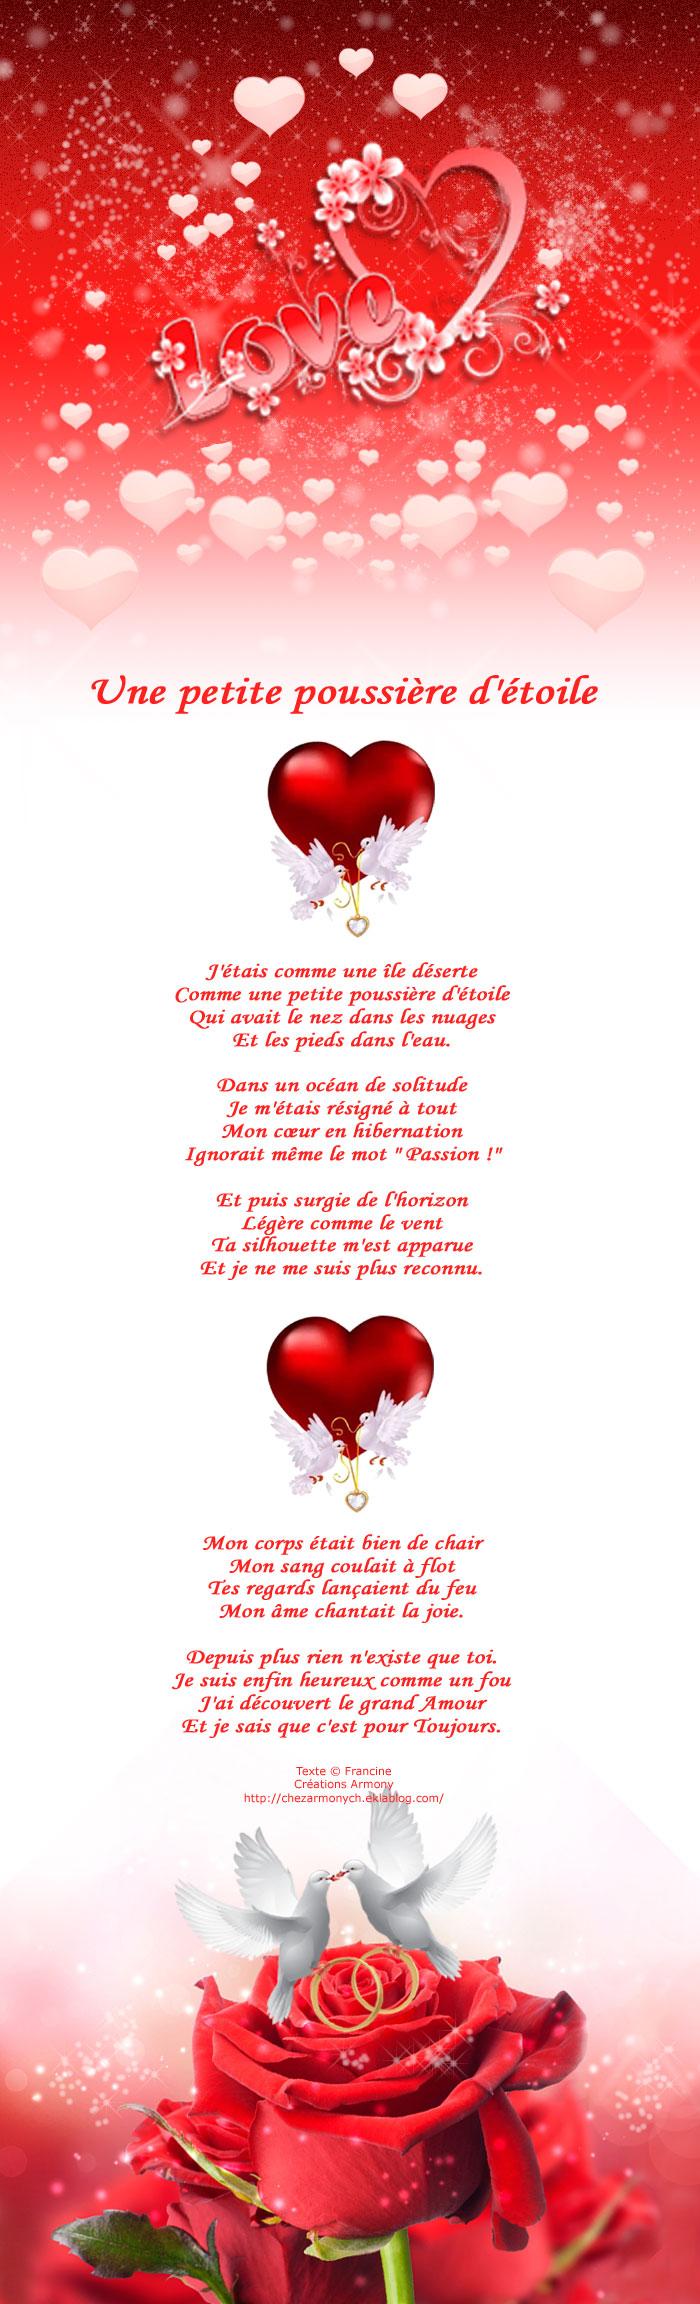 poème st-valentin Une petite poussiere d'etoile